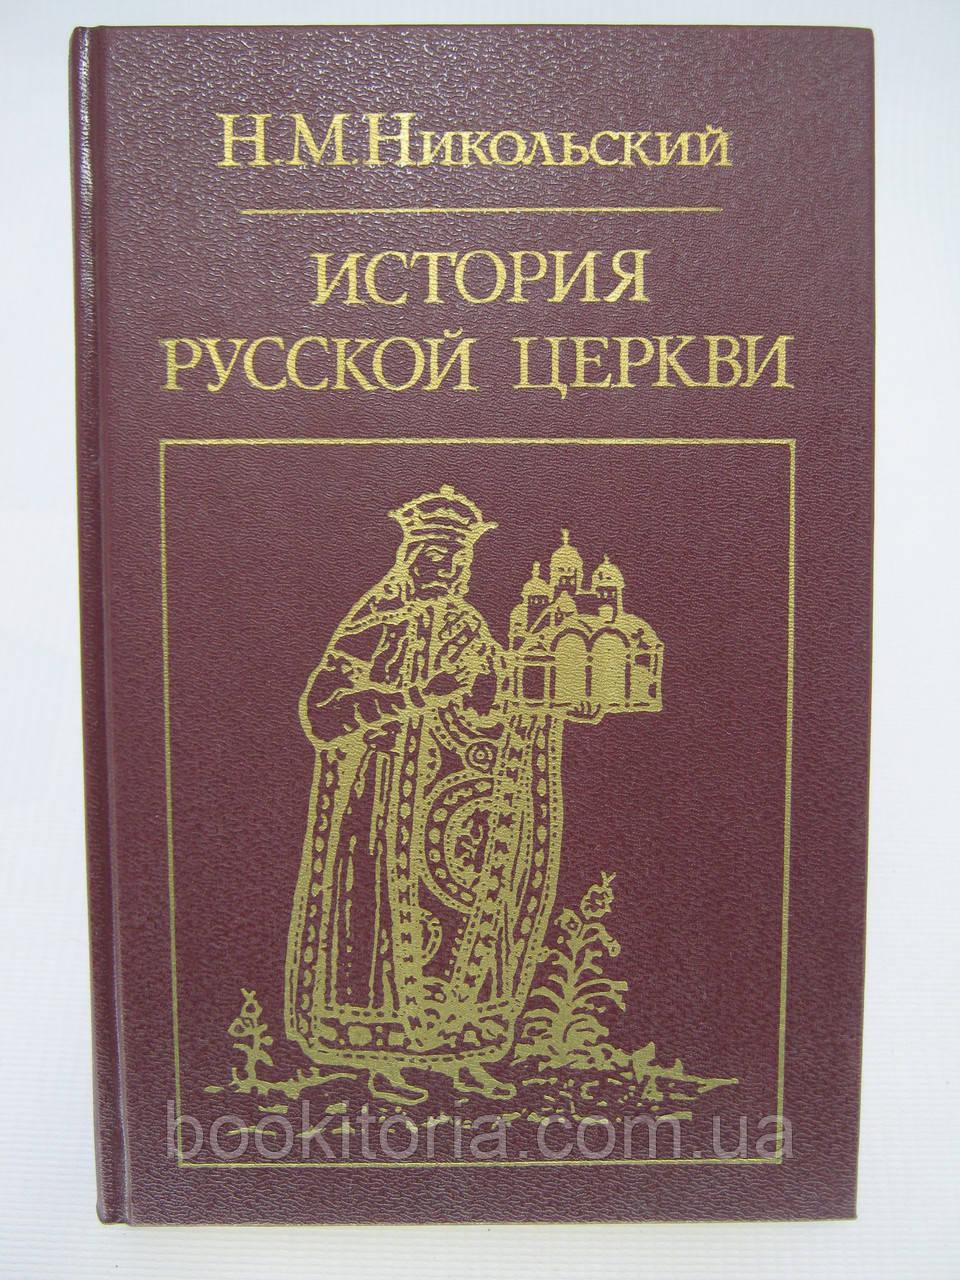 Никольский Н.М. История русской церкви (б/у).